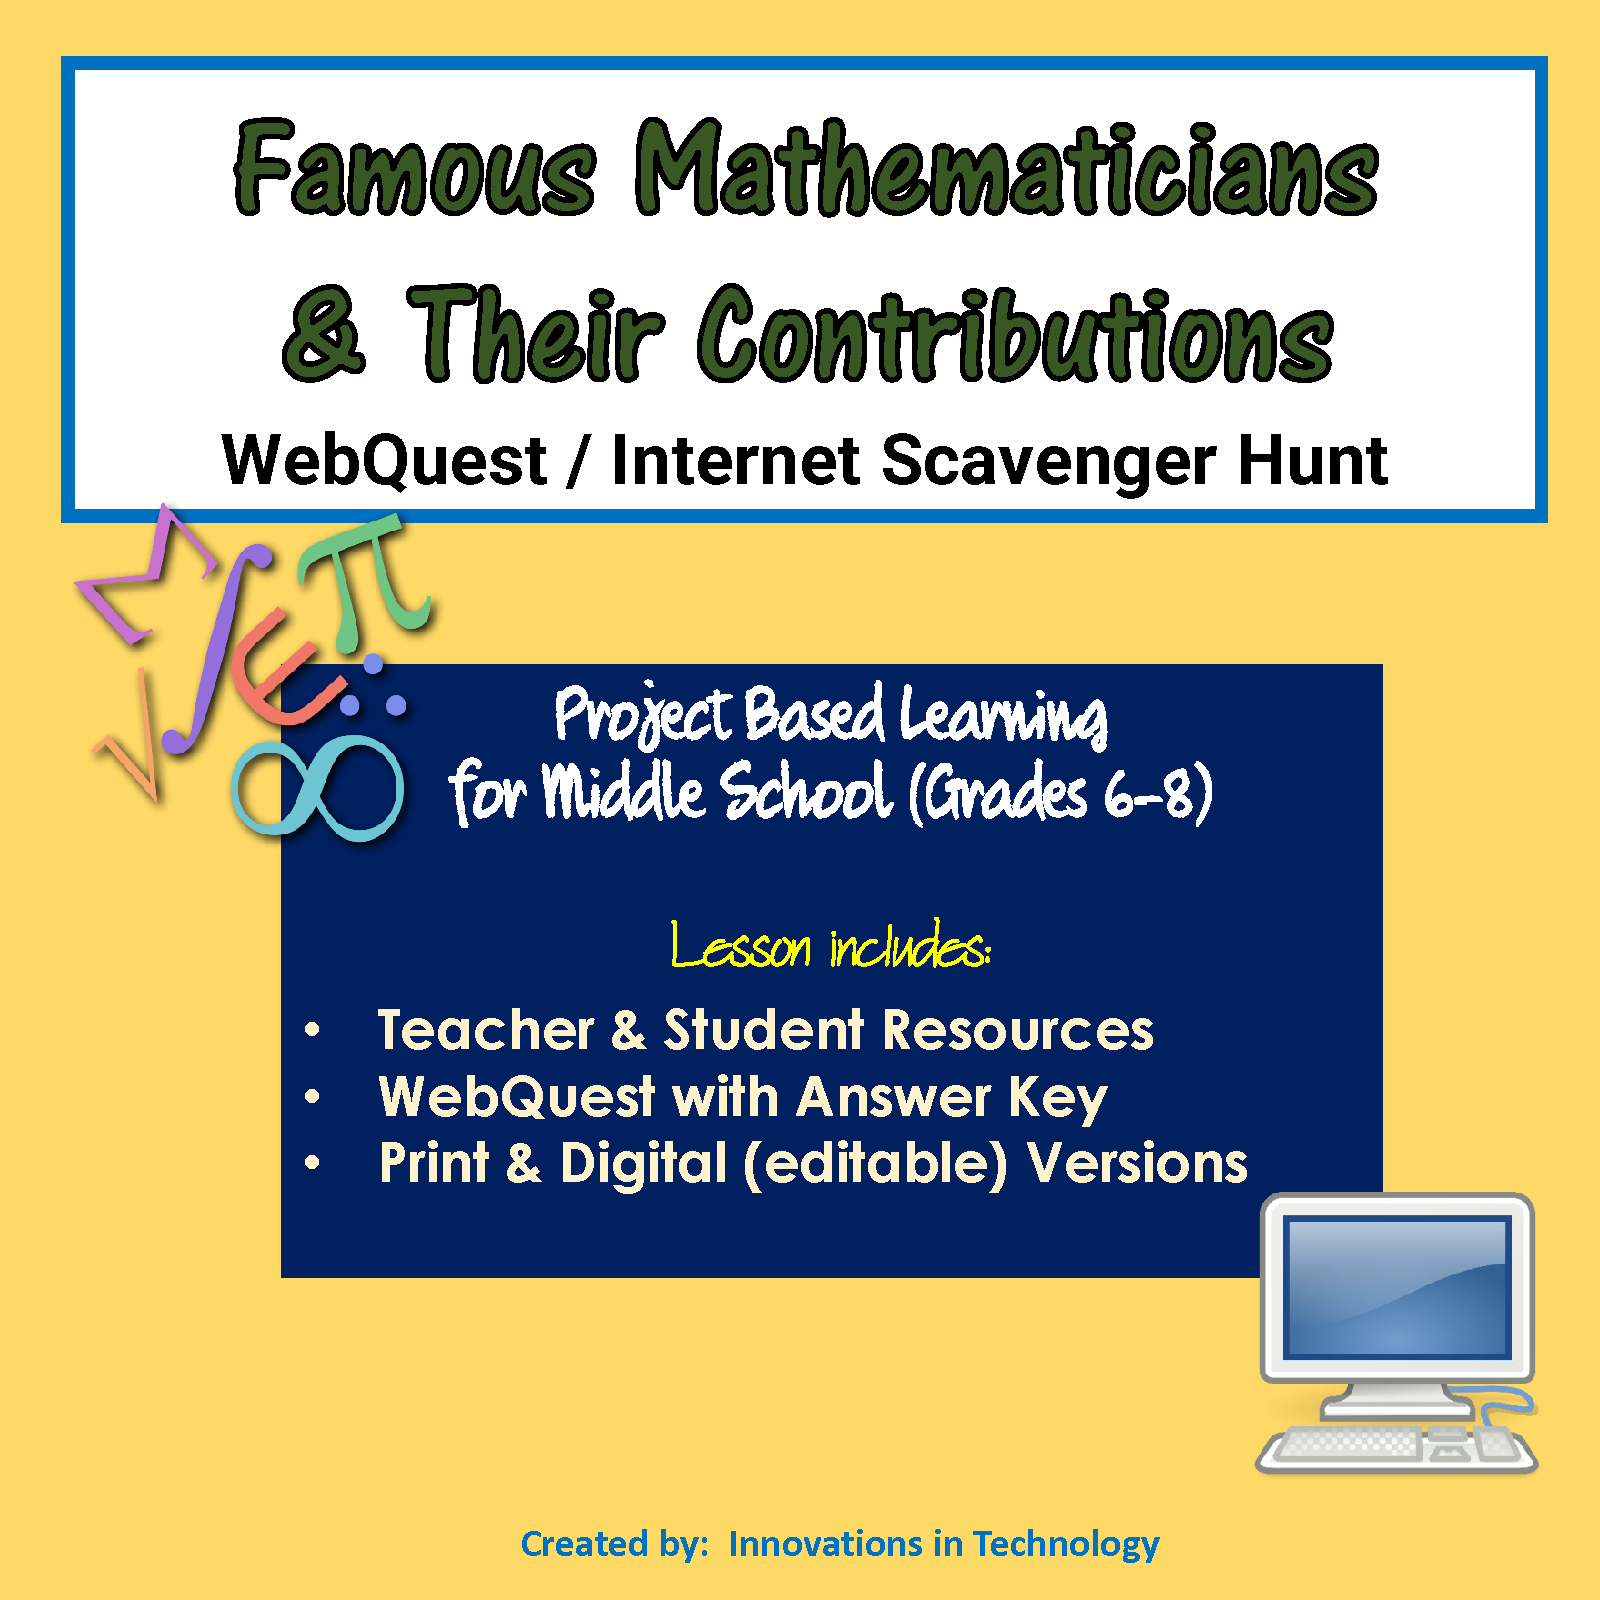 Famous Mathematicians WebQuest Scavenger Hunt